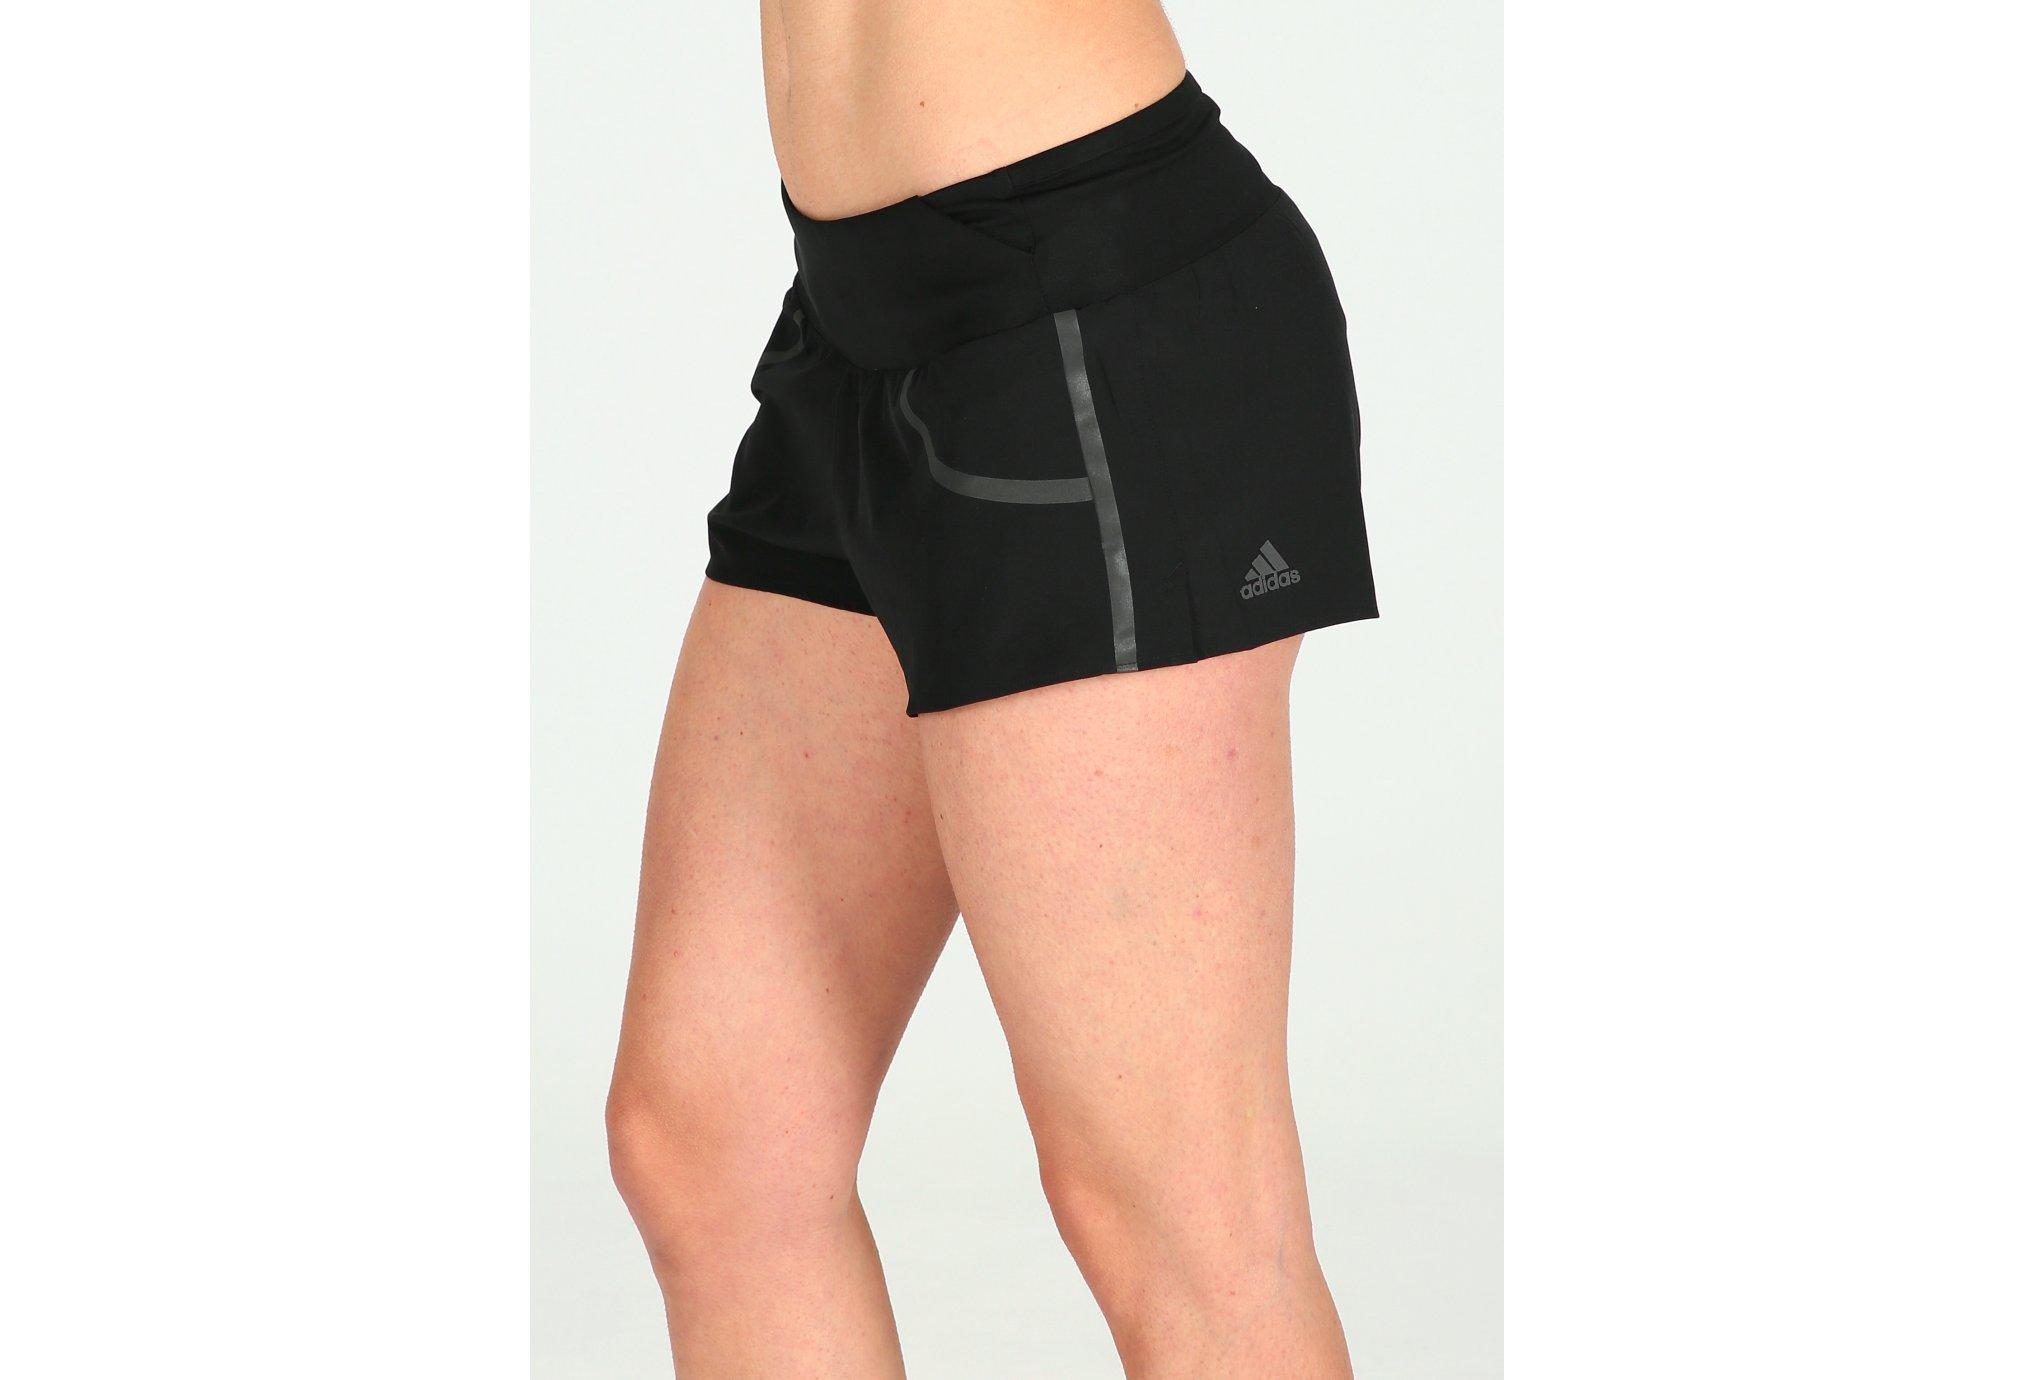 adidas Short Ultra W Diététique Vêtements femme